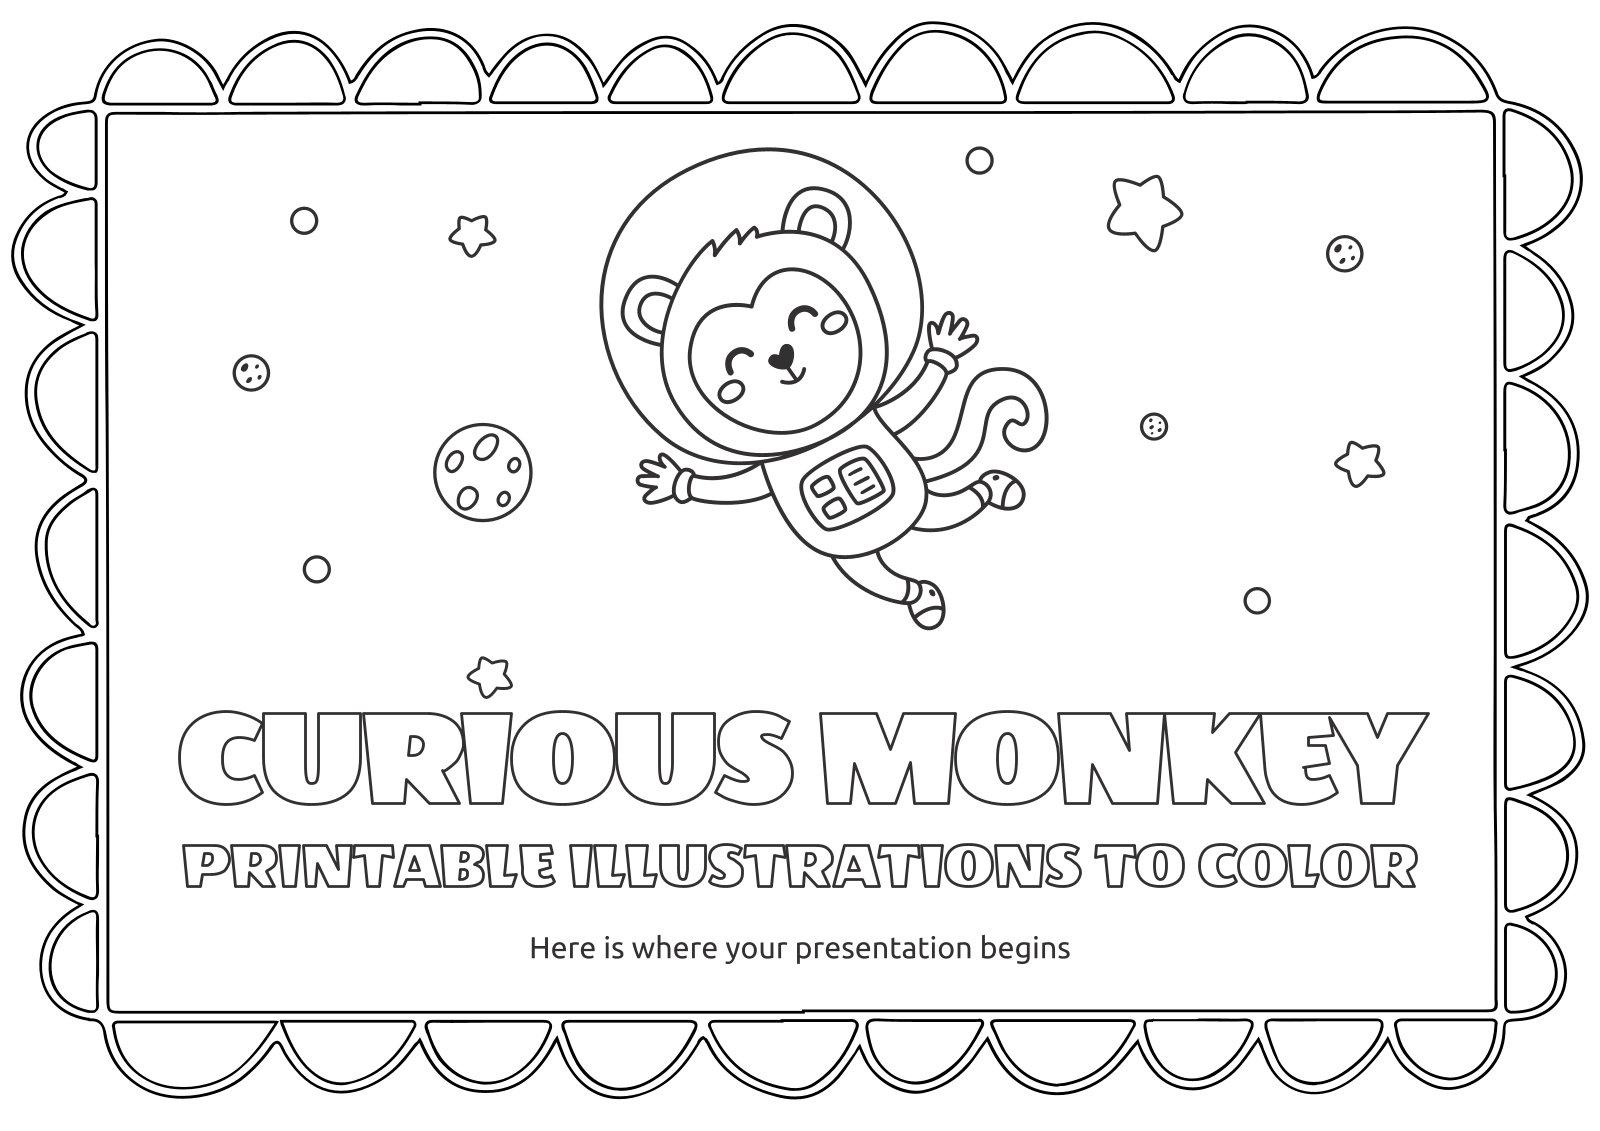 Modelo de apresentação Ilustrações imprimíveis de macacos curiosos